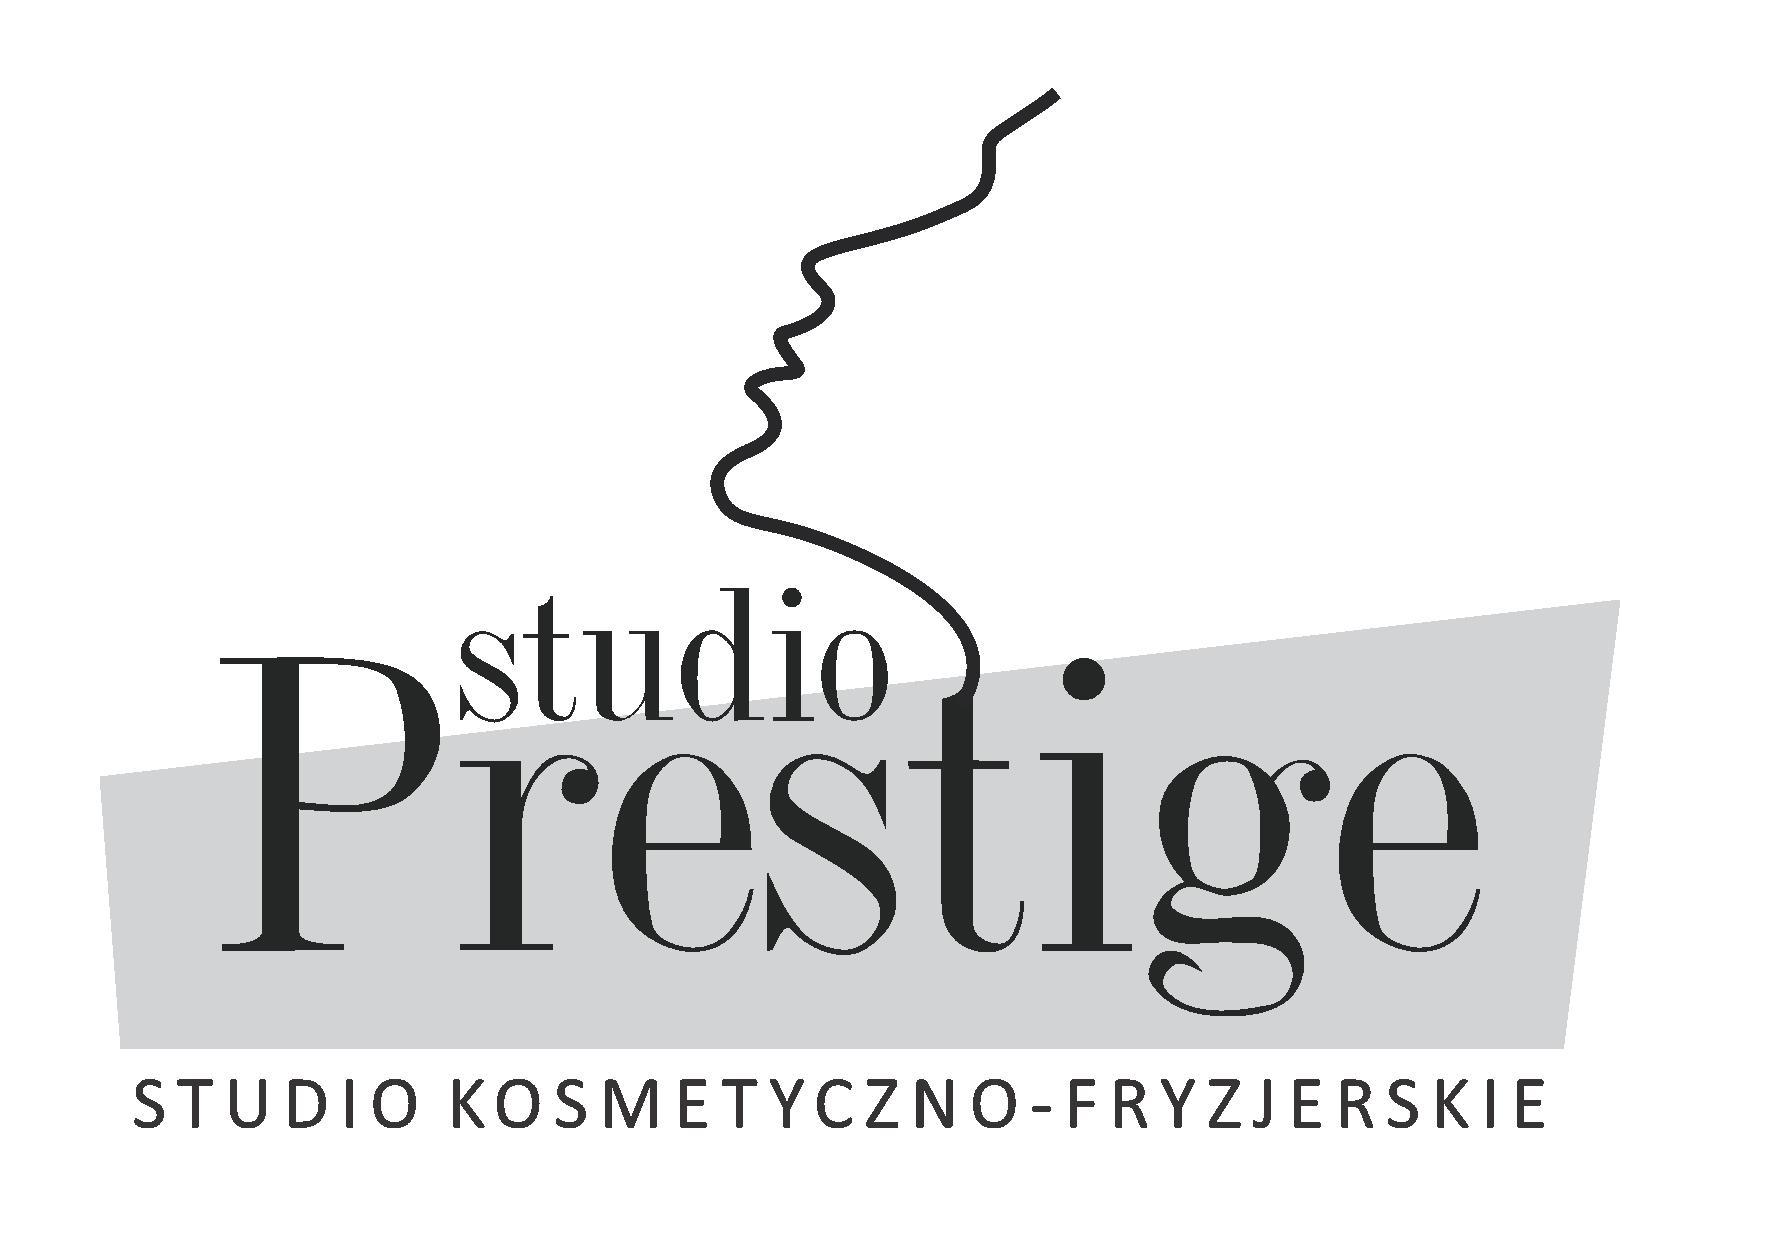 logo_studio_prestige_jpg